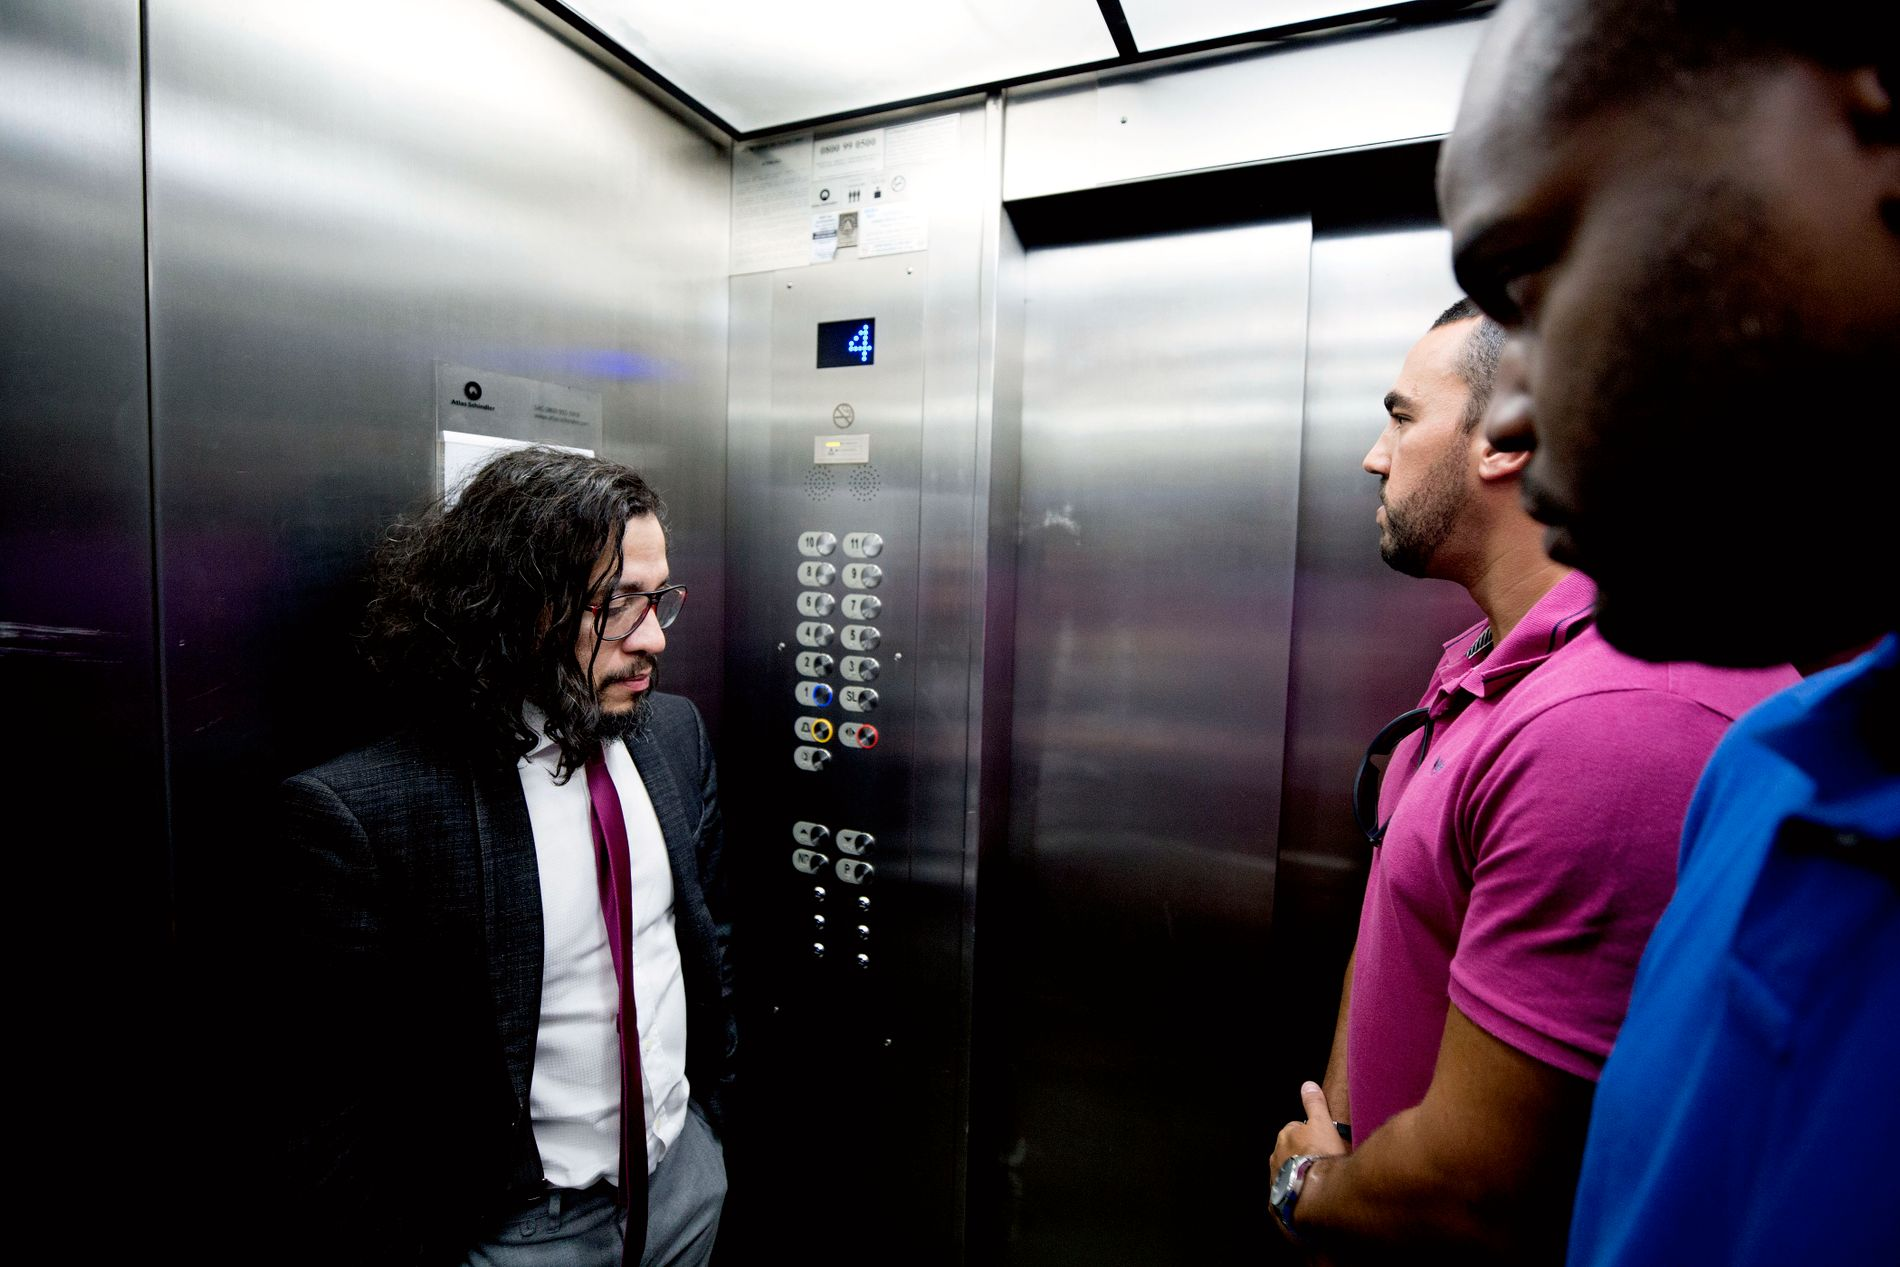 FØLGES AV LIVVAKTER: To av livvaktene er med Jean Wyllys når han tar heisen i kontorbygningen i Rio de Janeiro.